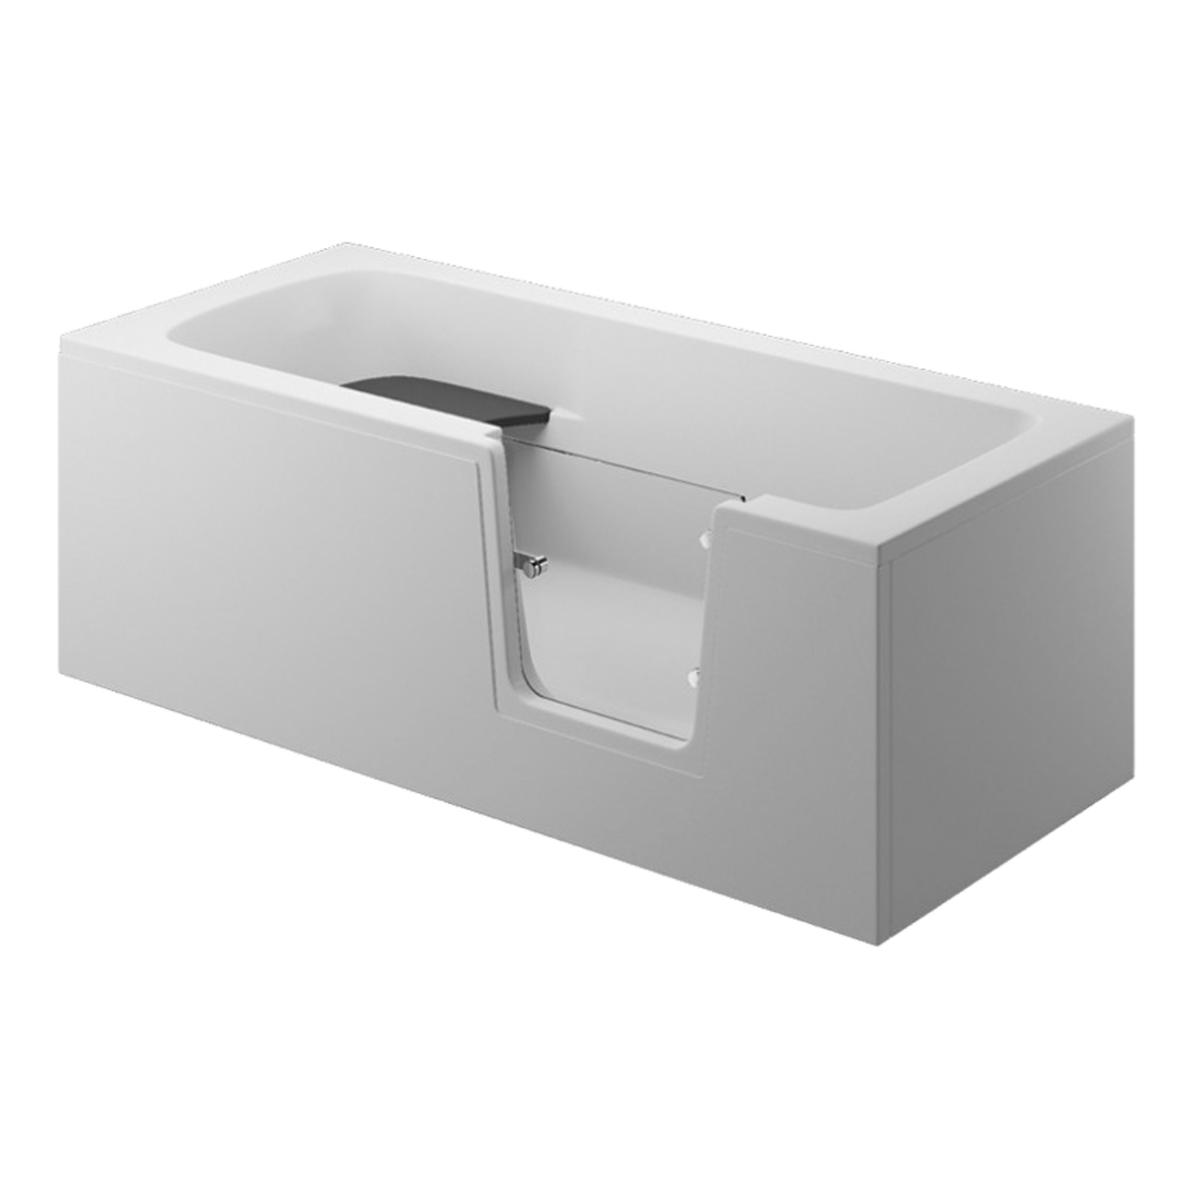 Häufig Frontpaneel für AVO Badewanne 160 cm weiß Beste Lösungen für HH98